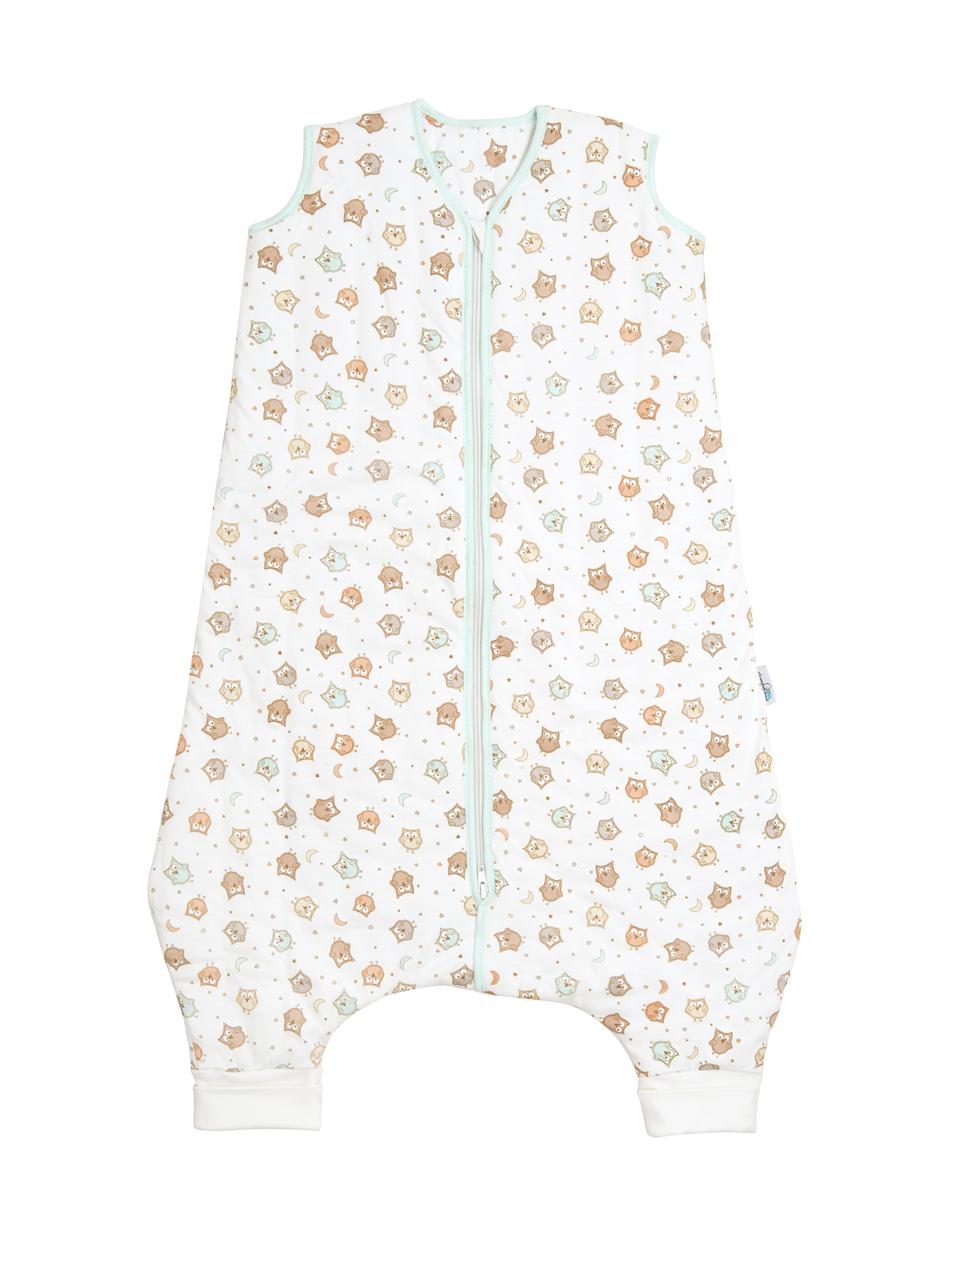 Ganzjahres Schlafsack mit Füßen Eule | Schlafsäcke, Eule und Kleinkinder